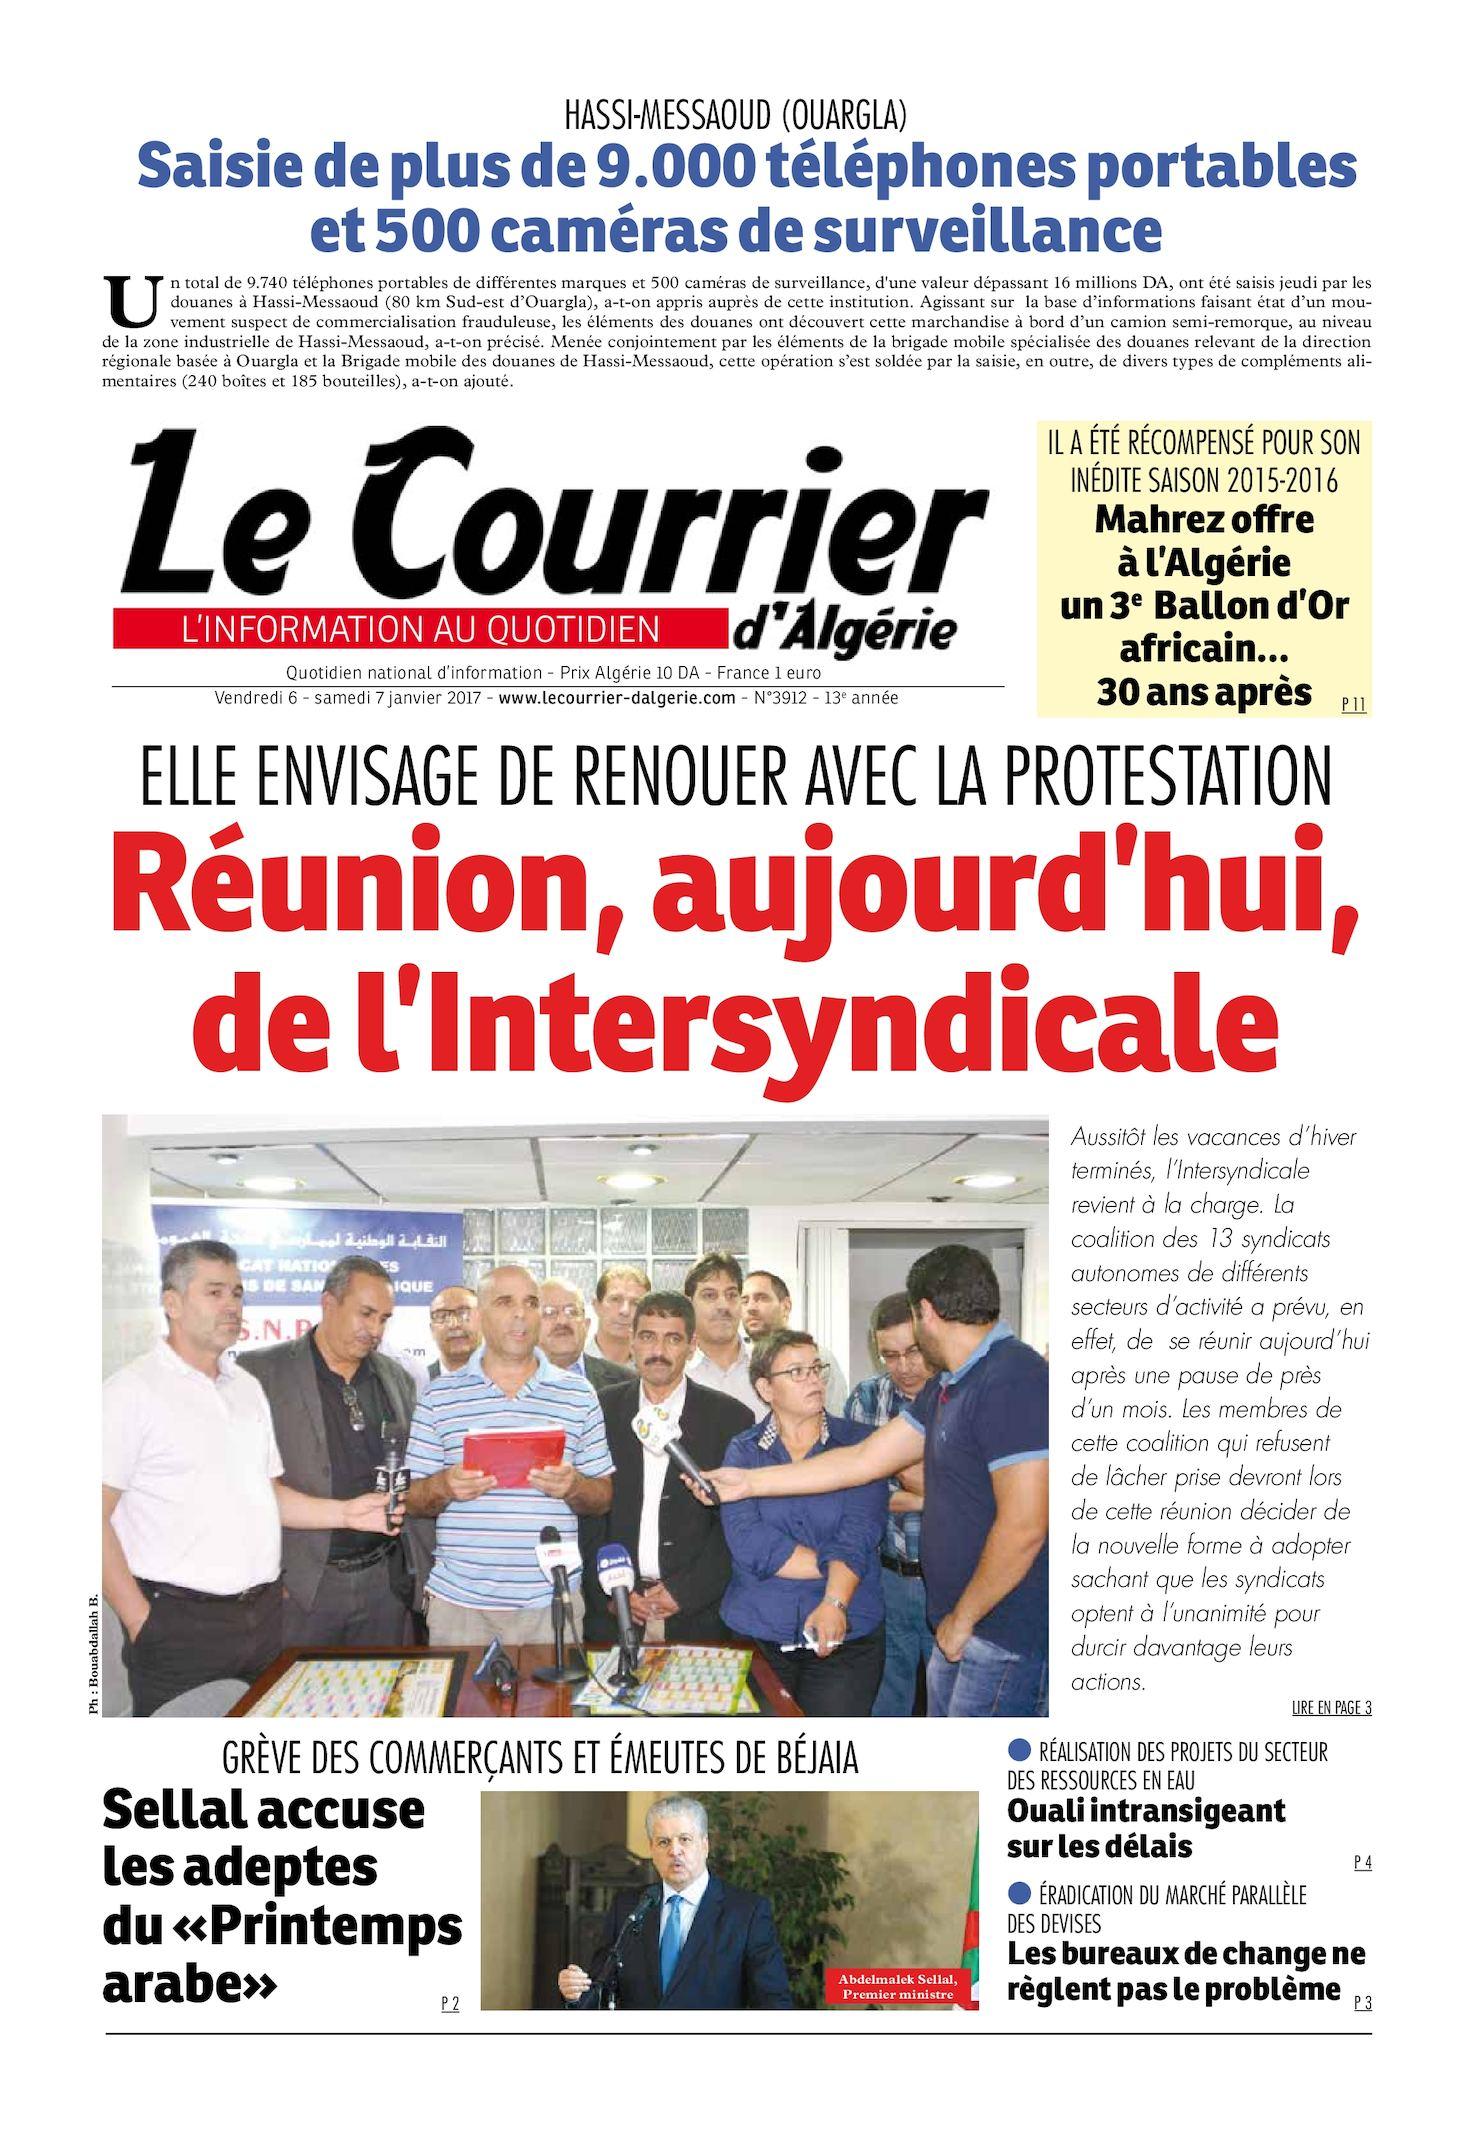 Le Courrier D'Algérie Du Samedi 7 Janvier 2017